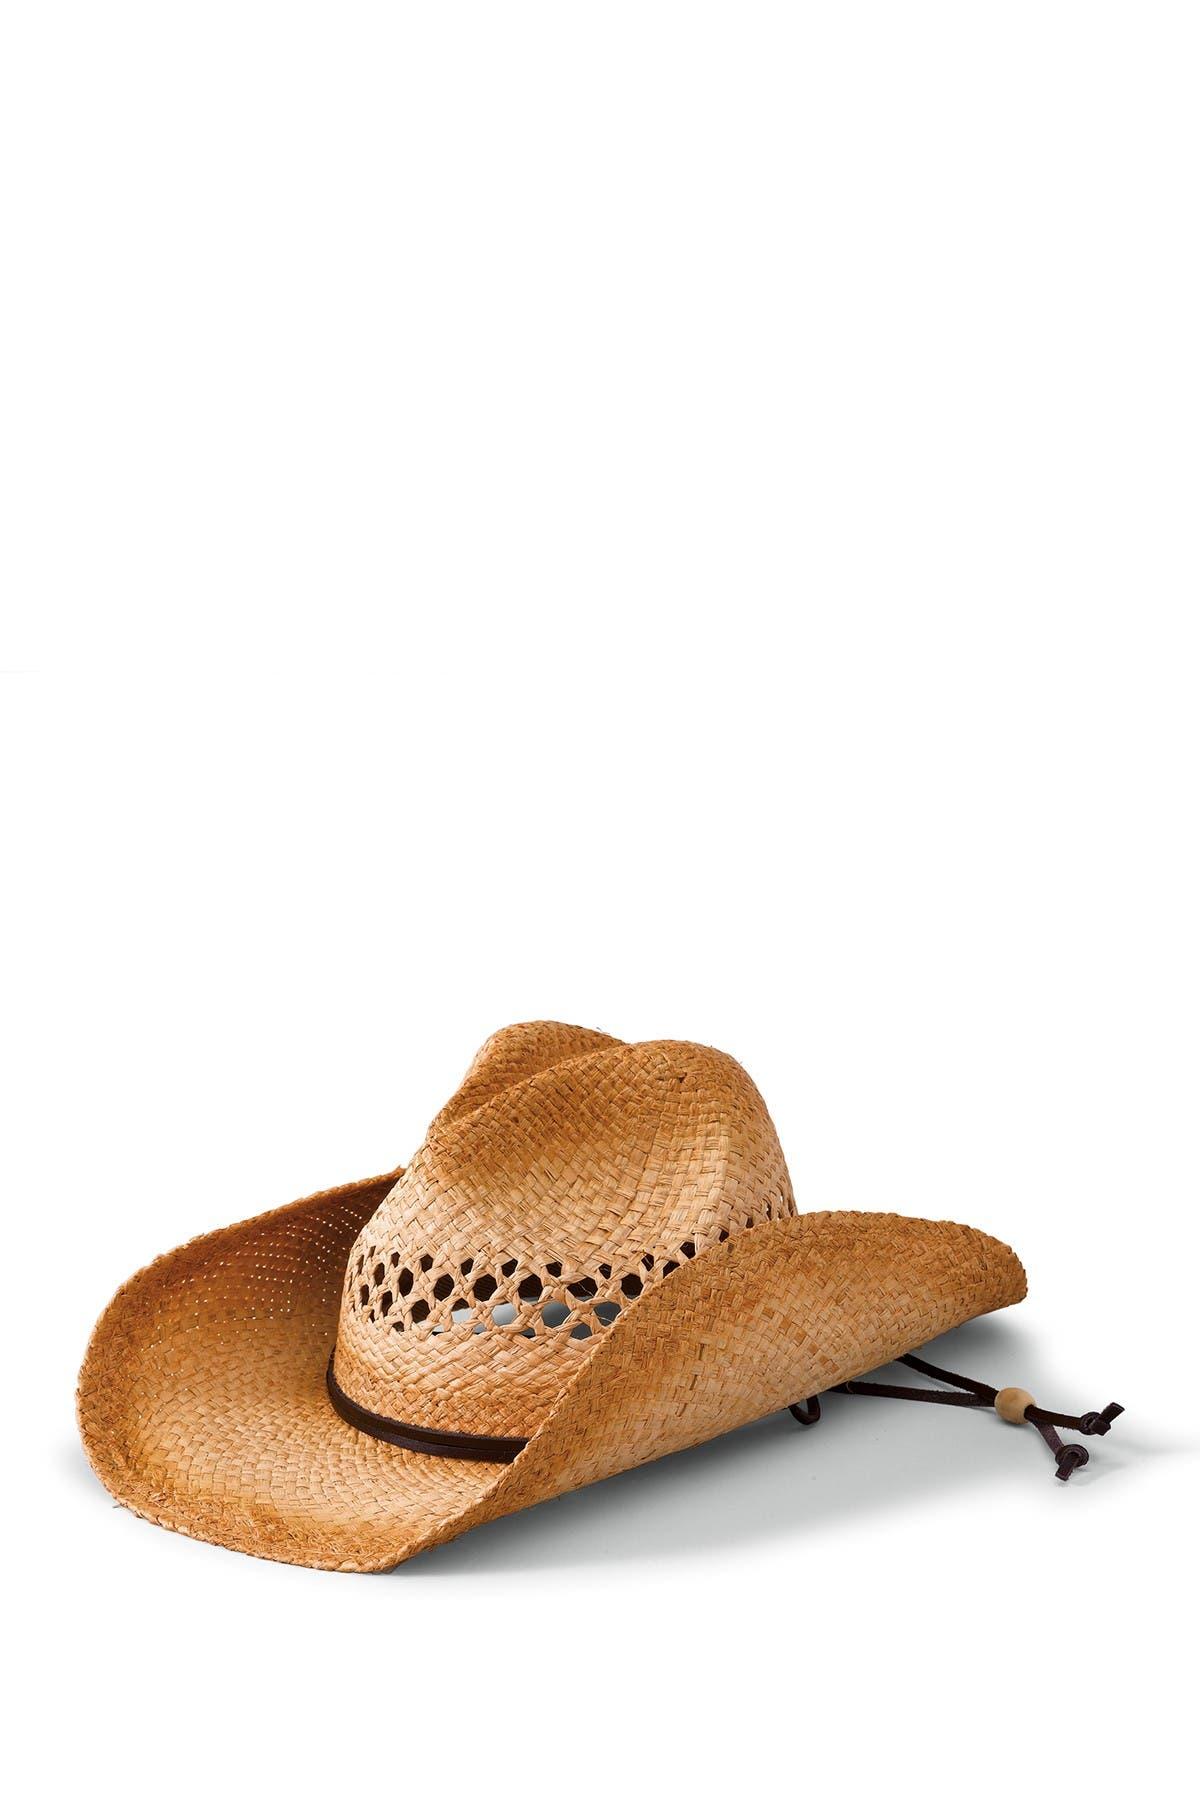 Image of SAN DIEGO HAT Raffia Cowboy Hat